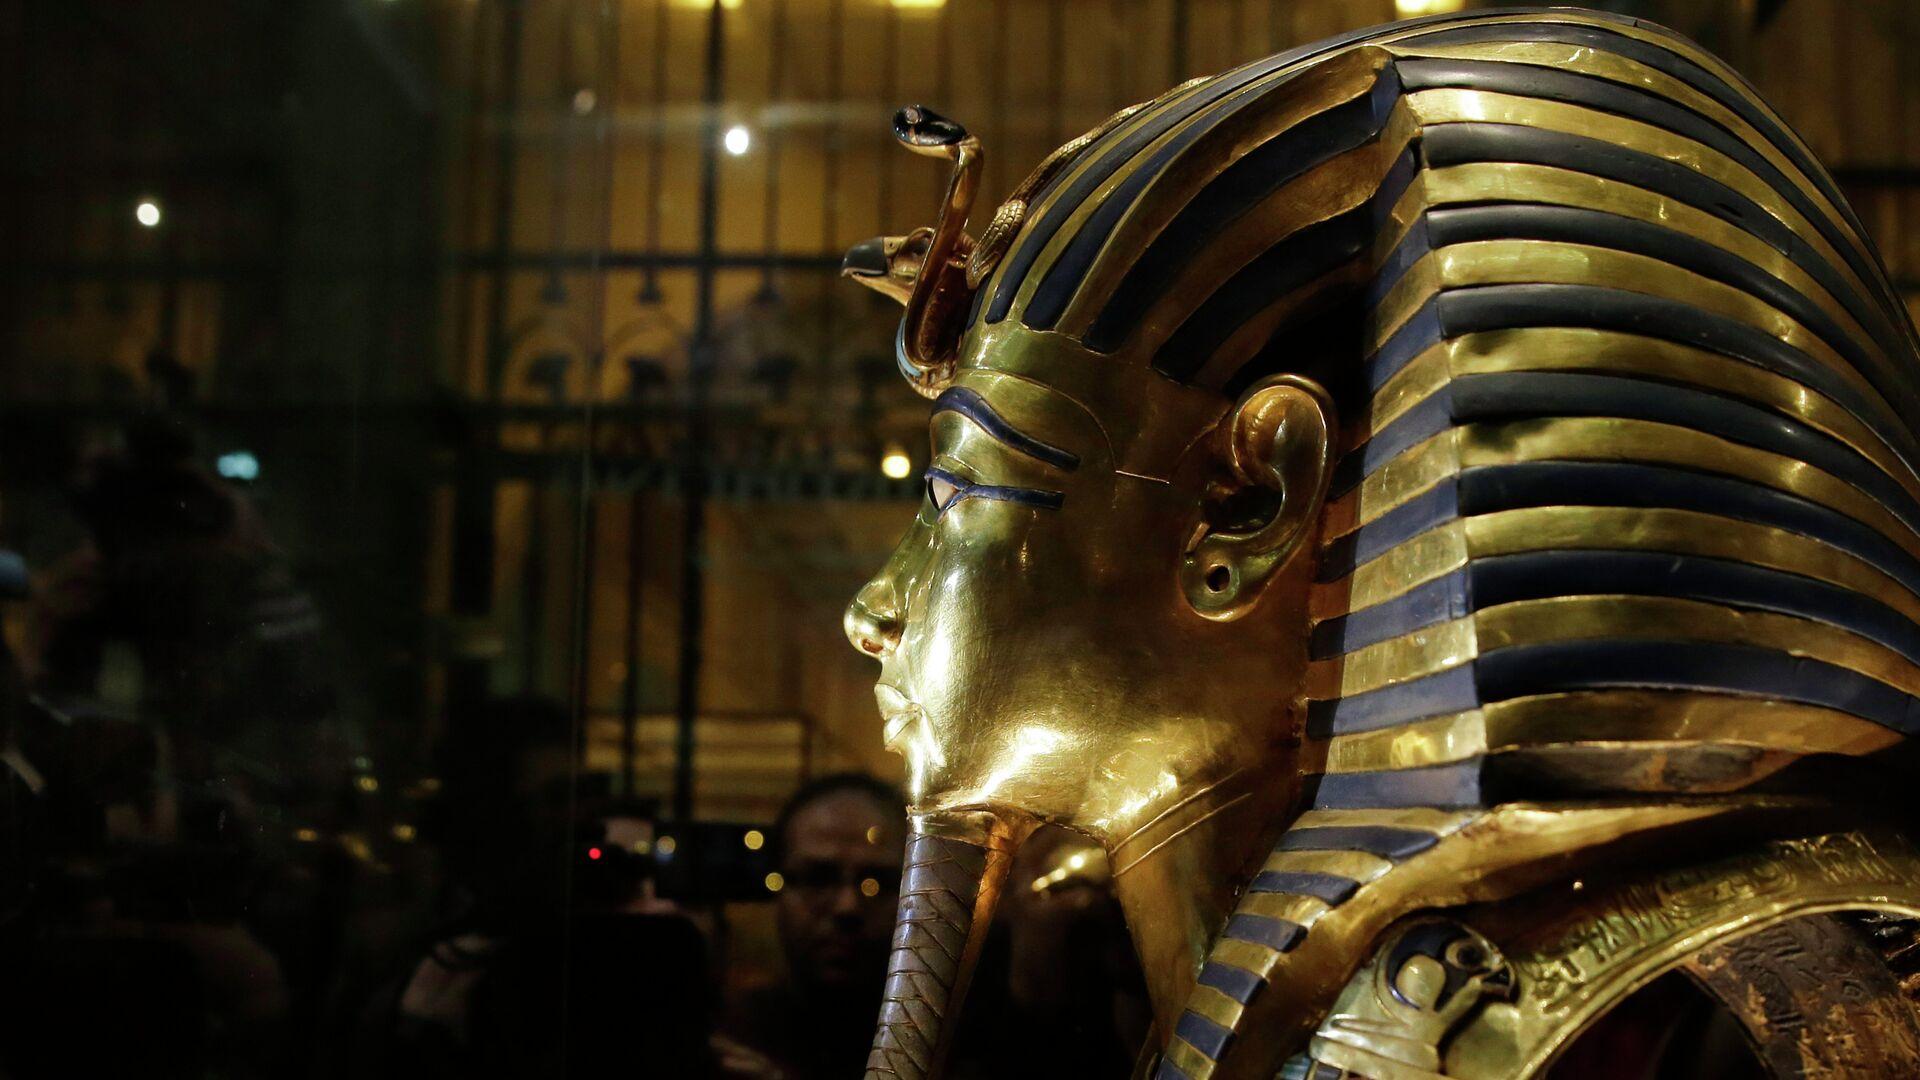 Zlatna maska kralja Tutankamona u Egipatskom muzeju u Kairu - Sputnik Srbija, 1920, 11.09.2021